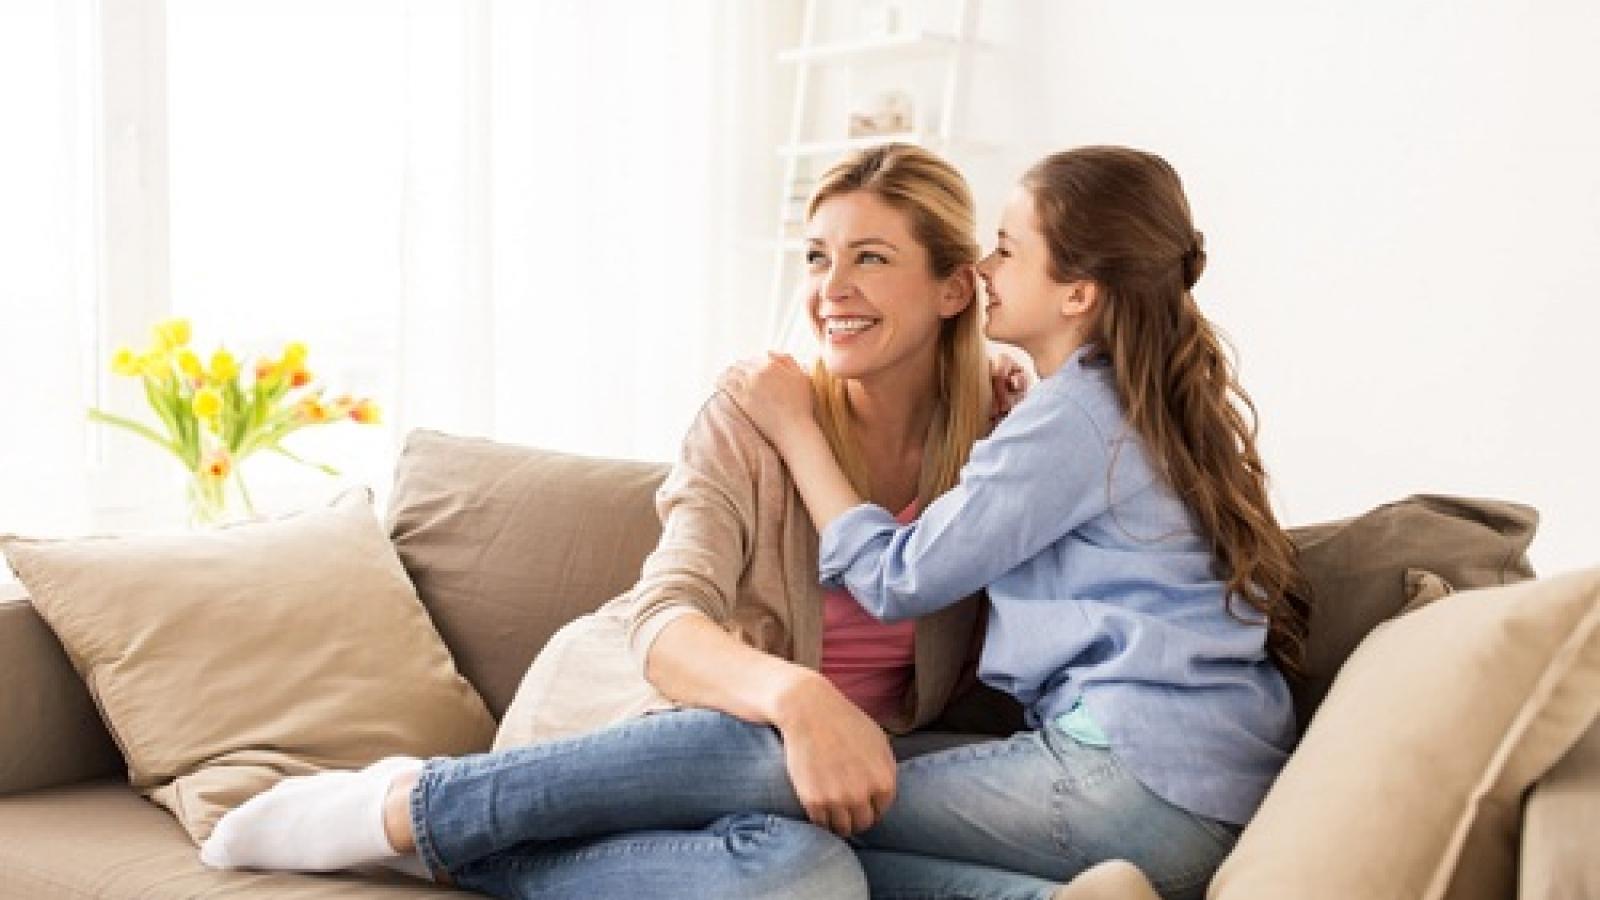 Những điều bạn có thể làm khi cảm thấy mẹ không yêu quý mình